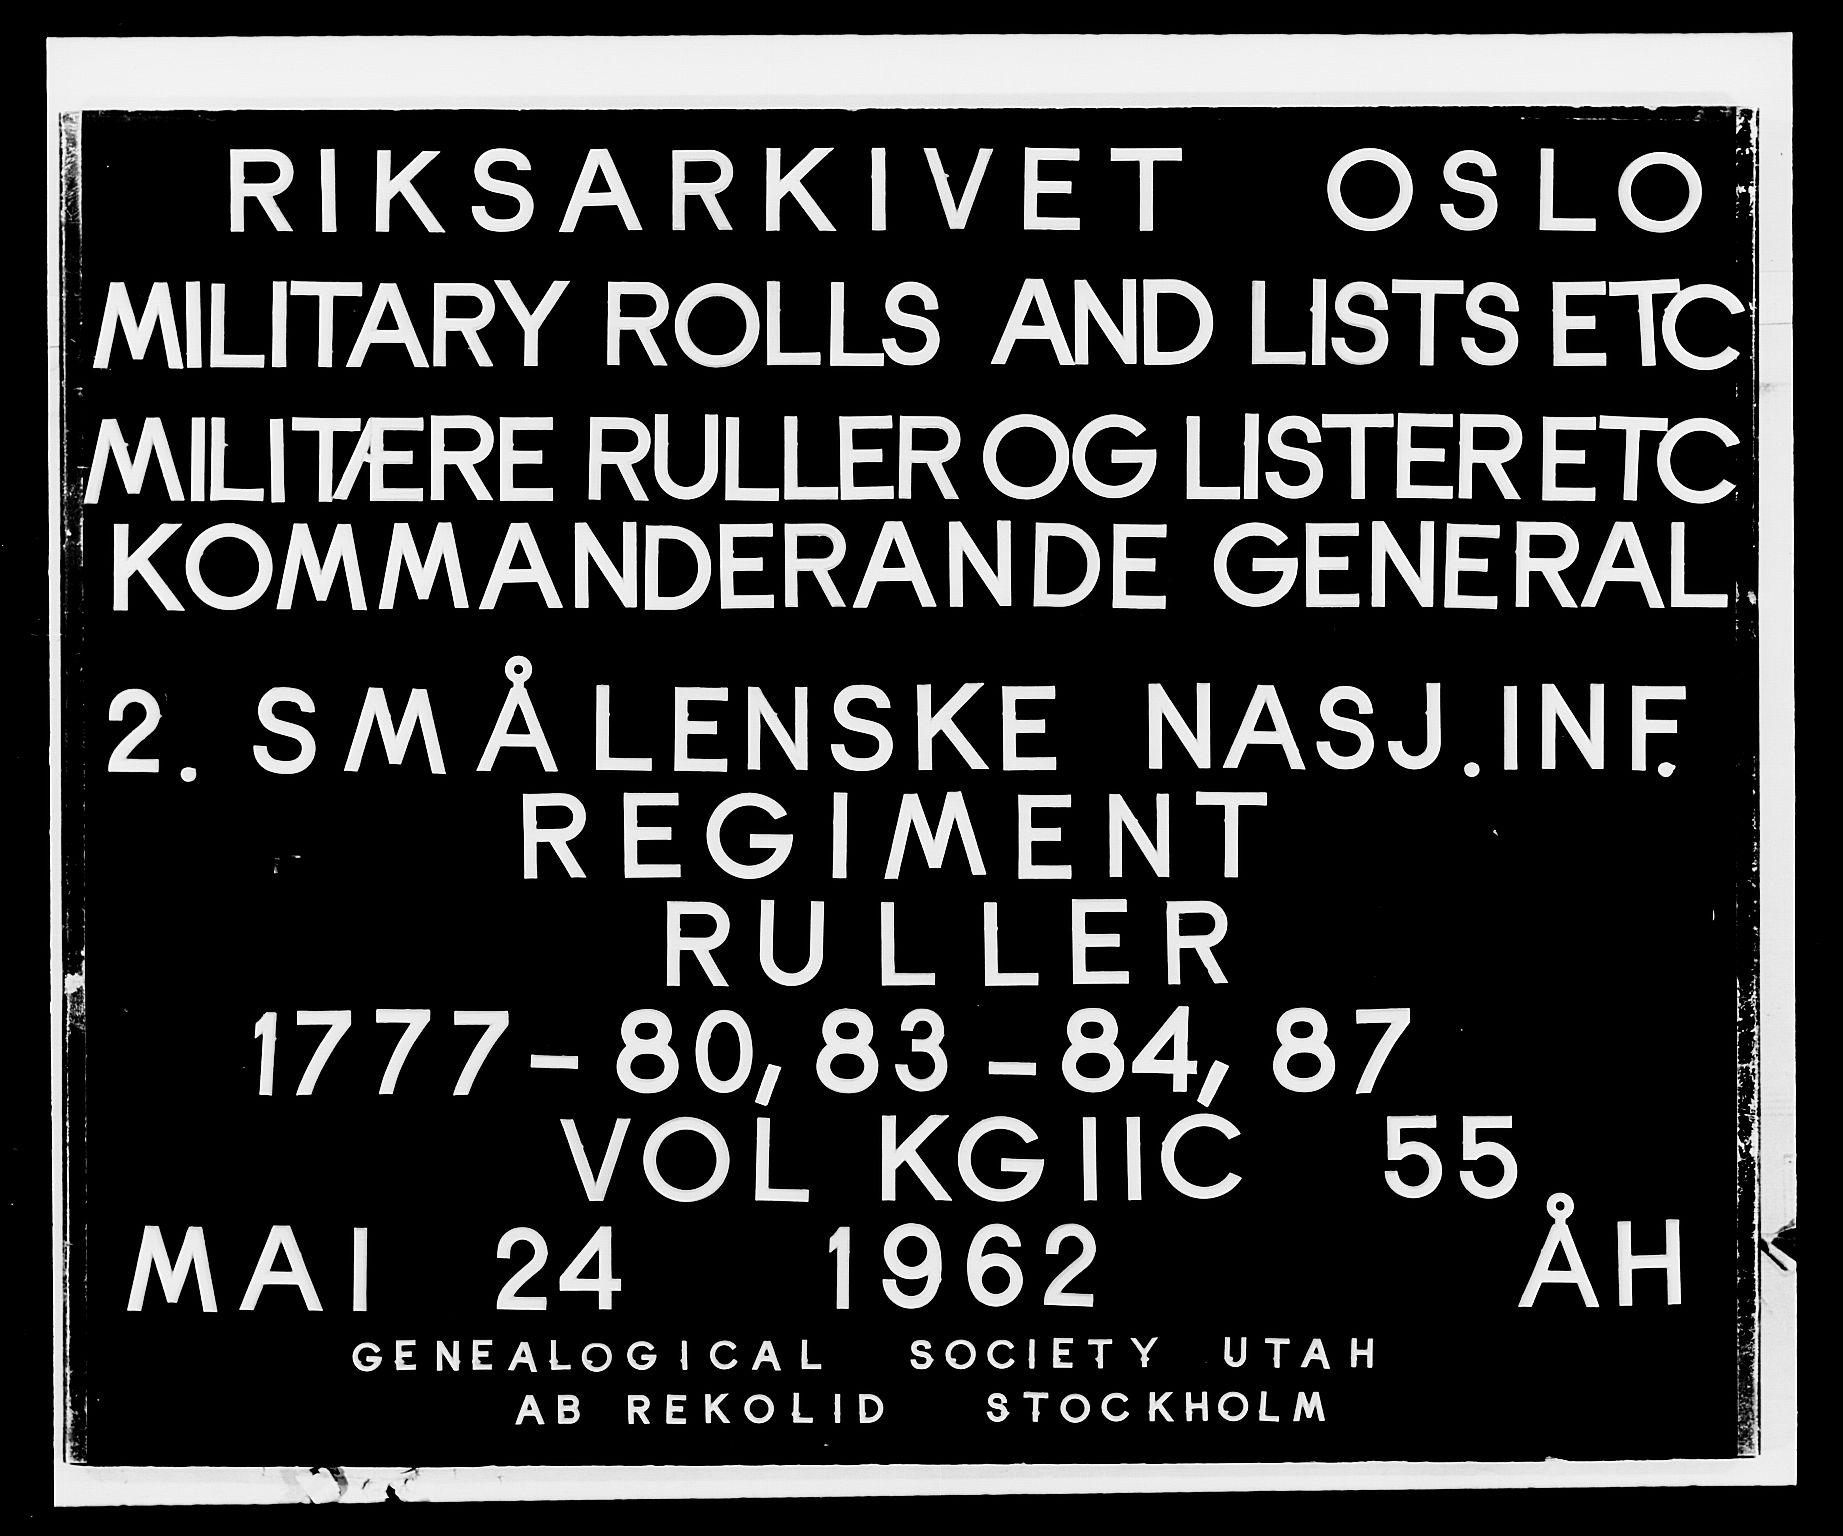 RA, Generalitets- og kommissariatskollegiet, Det kongelige norske kommissariatskollegium, E/Eh/L0055: 2. Smålenske nasjonale infanteriregiment, 1777-1787, s. 1